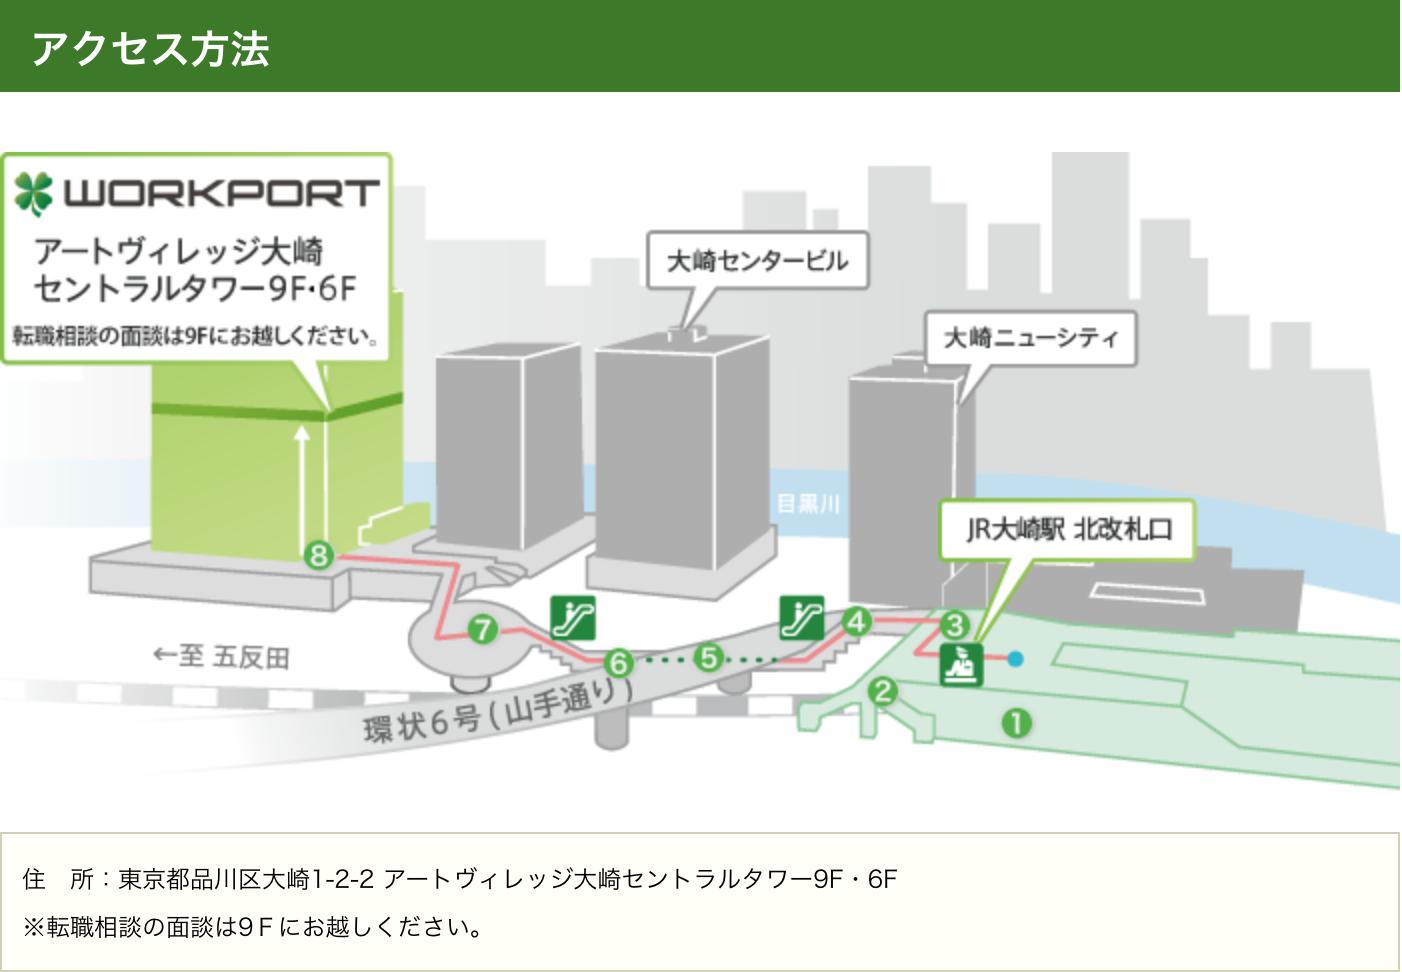 ワークポート 東京